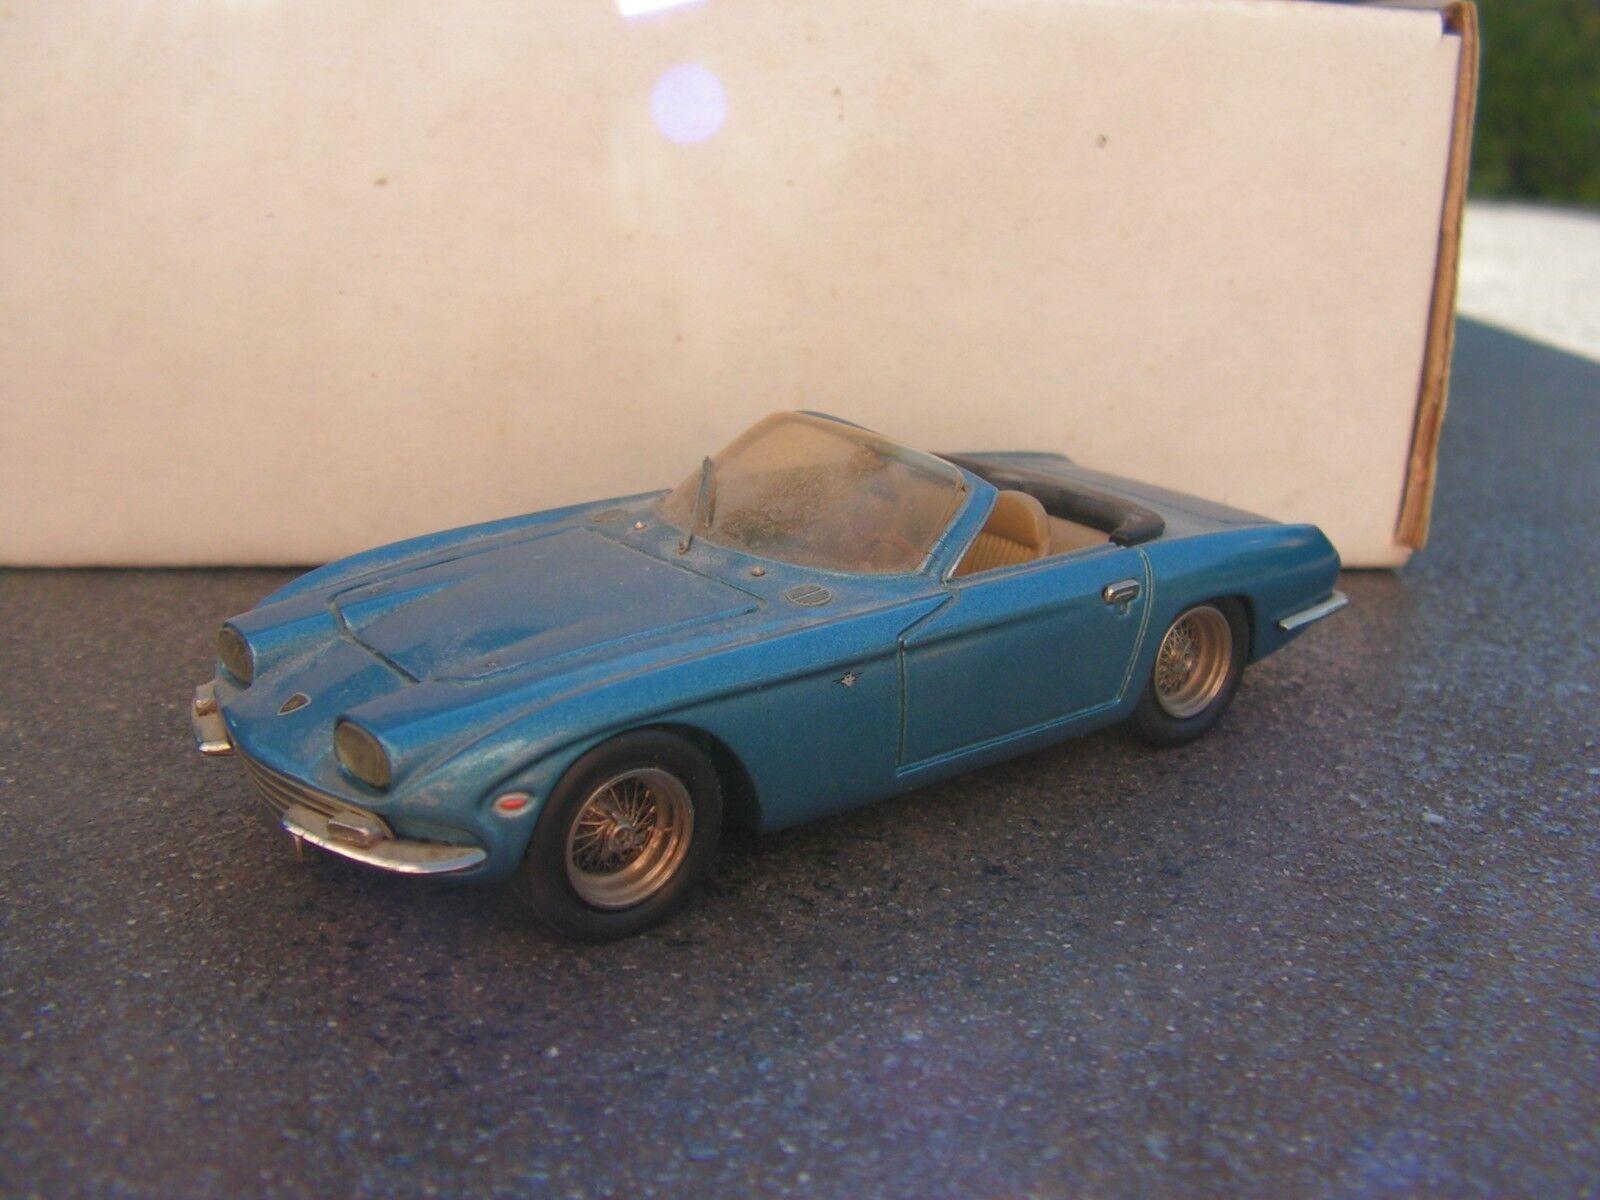 migliore qualità M  RUF     LAMBORGHINI 350 GT GT GT SPYDER    MICADO       kit monte       1 43  (f)  prezzi equi